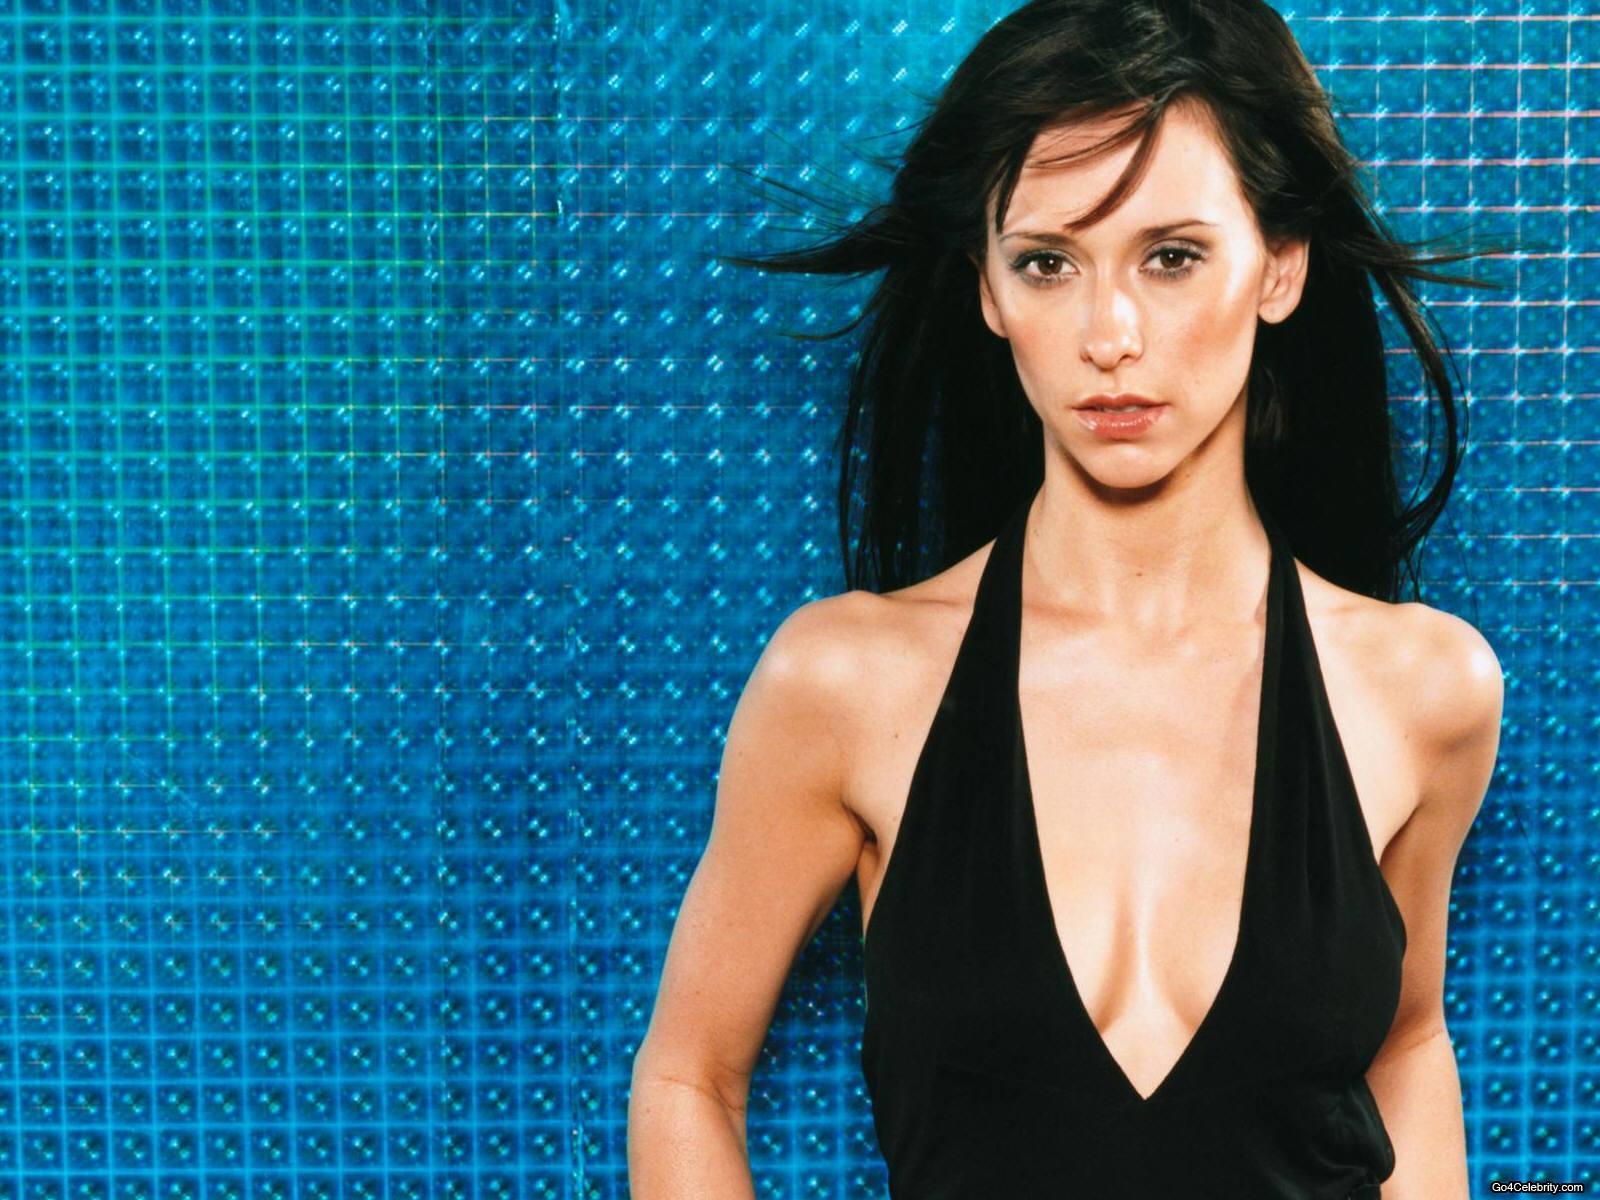 http://4.bp.blogspot.com/-DXVANLMPlF4/TzM4yFyg5uI/AAAAAAAAa0w/qCkc4H_KLO0/s1600/Jennifer-Love-Hewitt-074.jpg